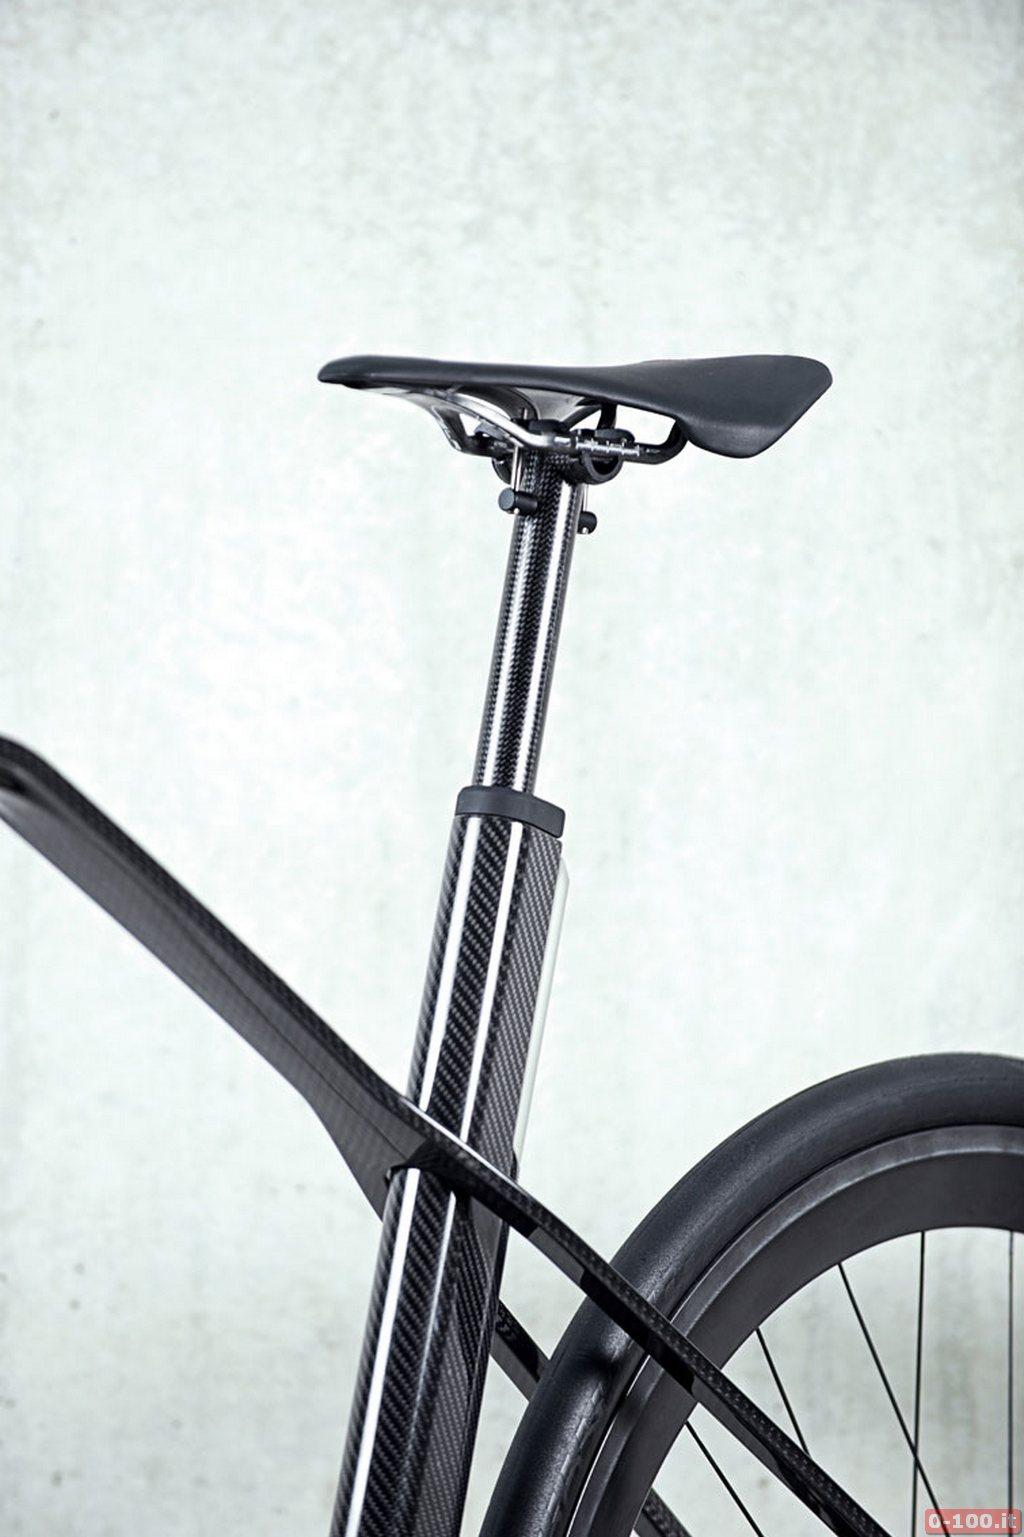 la-coren-la-bicicletta-in-fibra-di-carbonio-0-10019